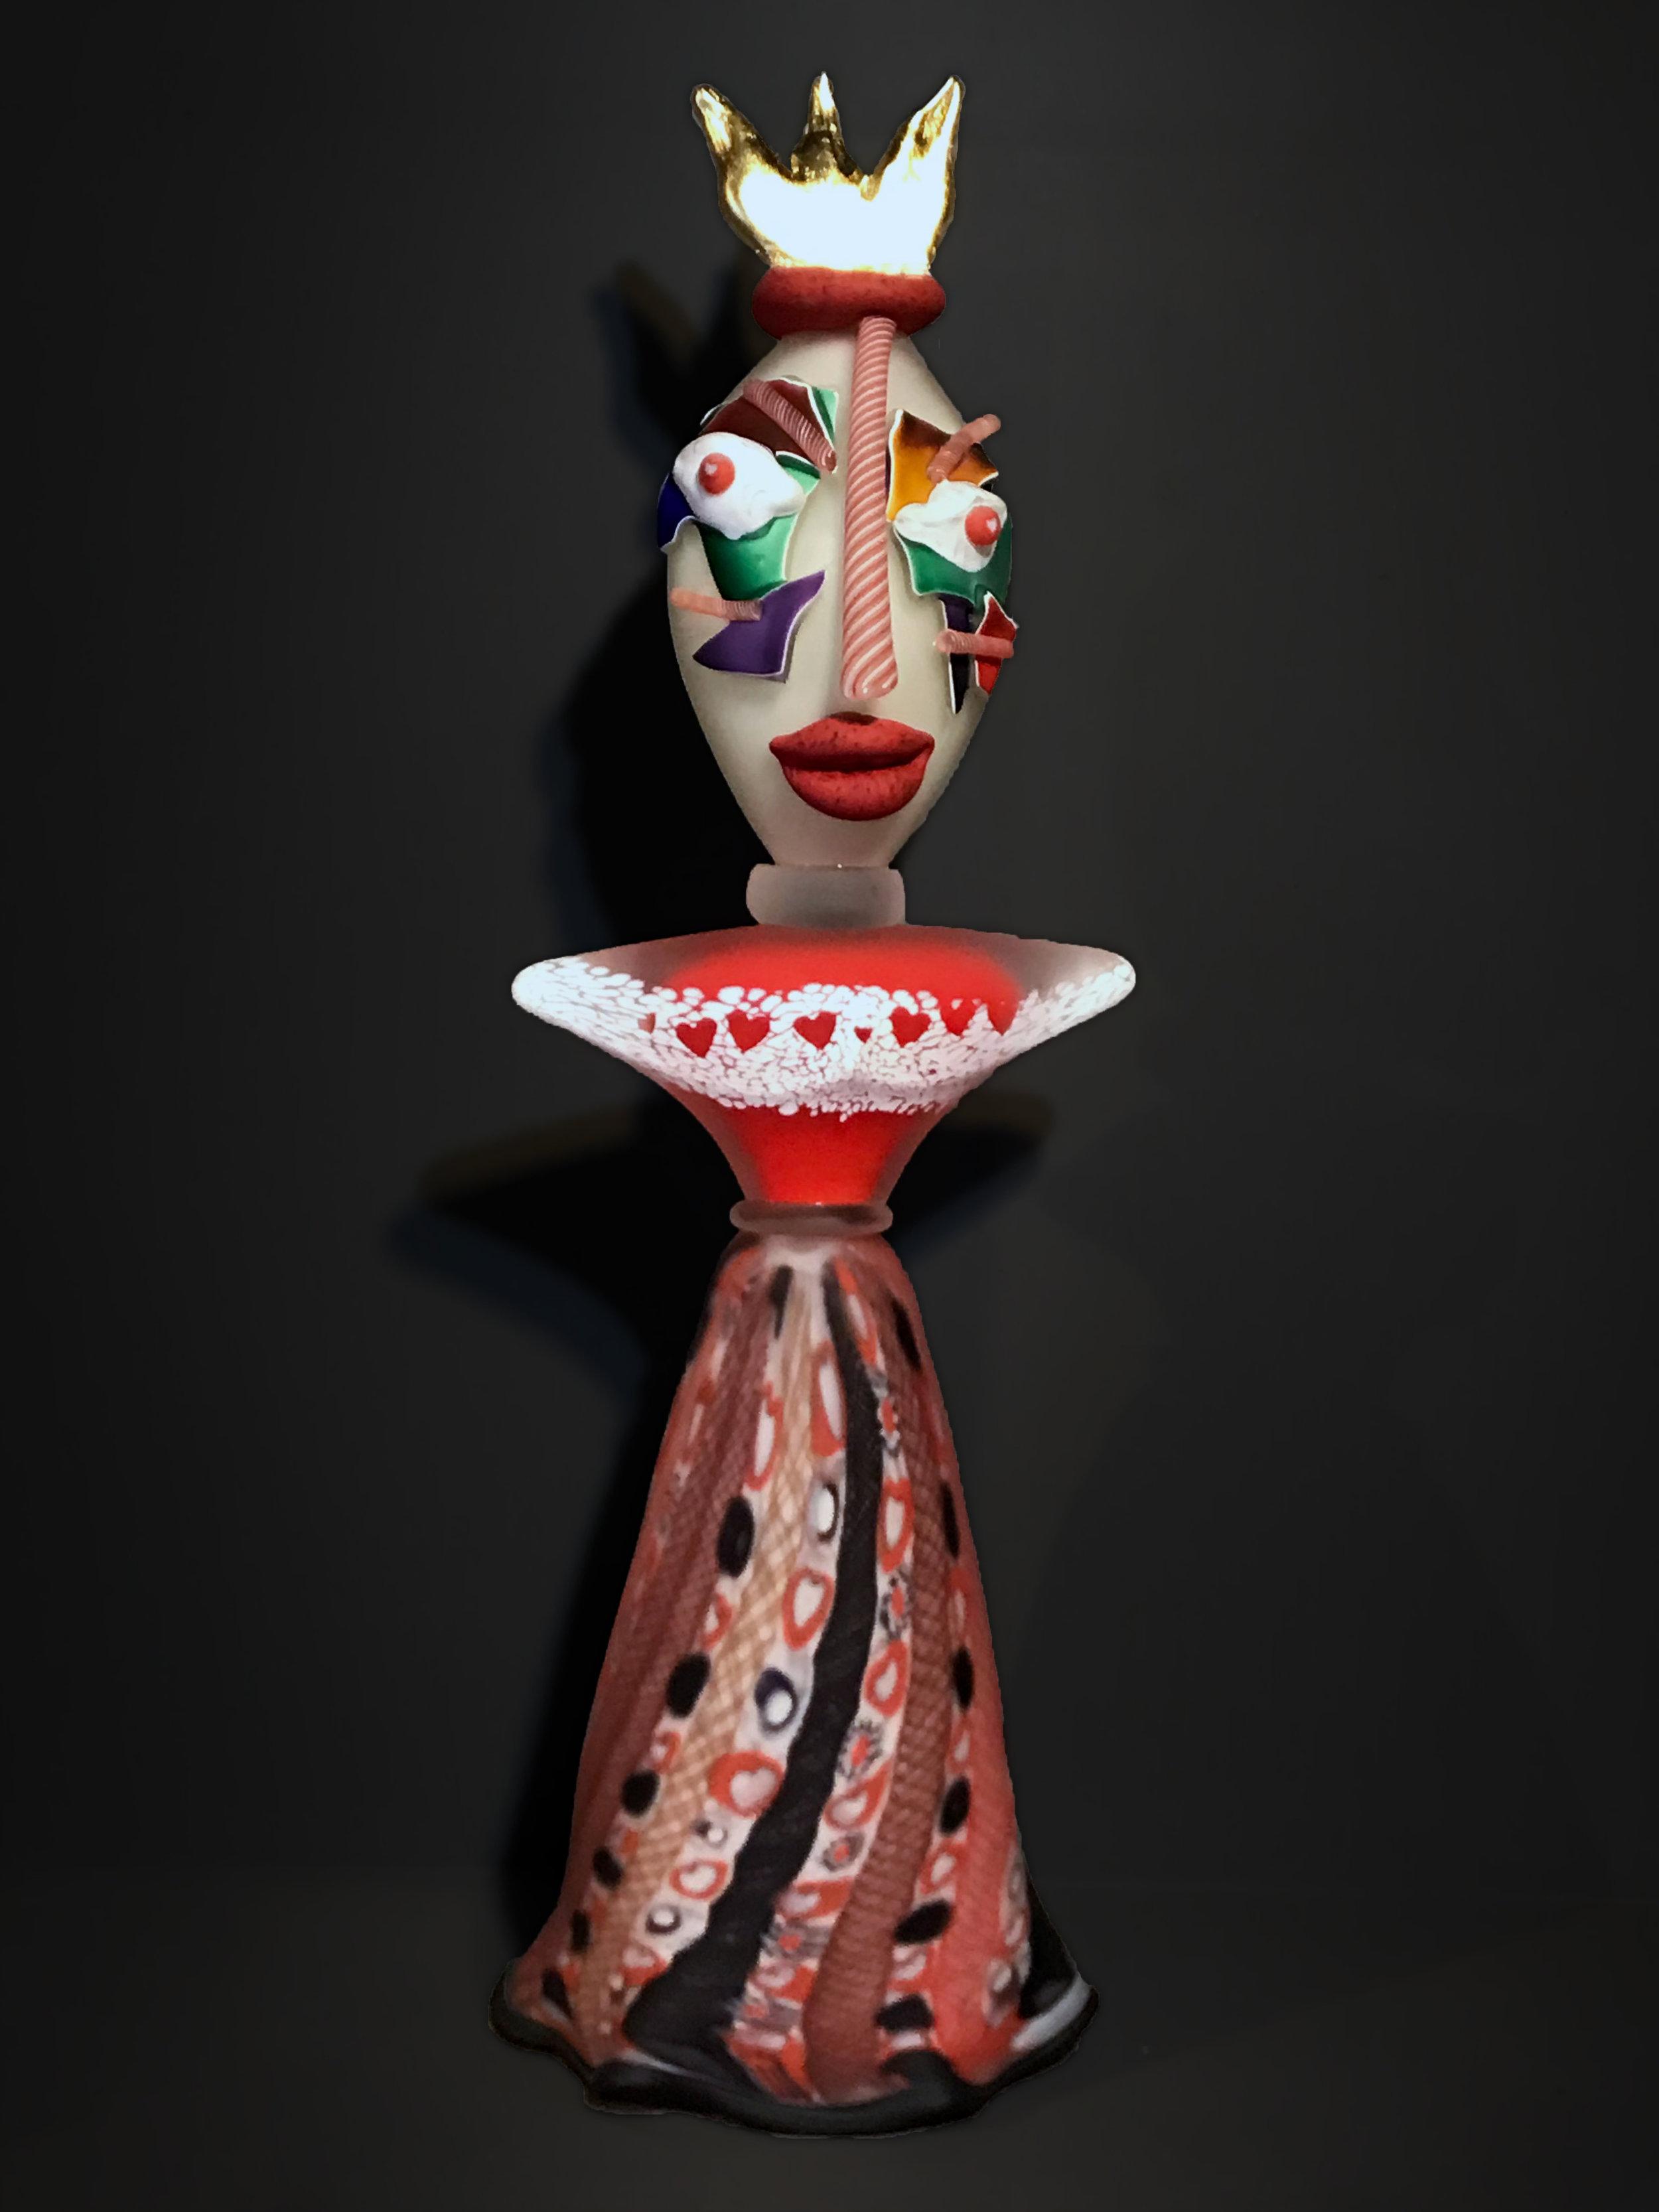 Queen of Hearts Sculpture James Wilbat 2019-1.jpg